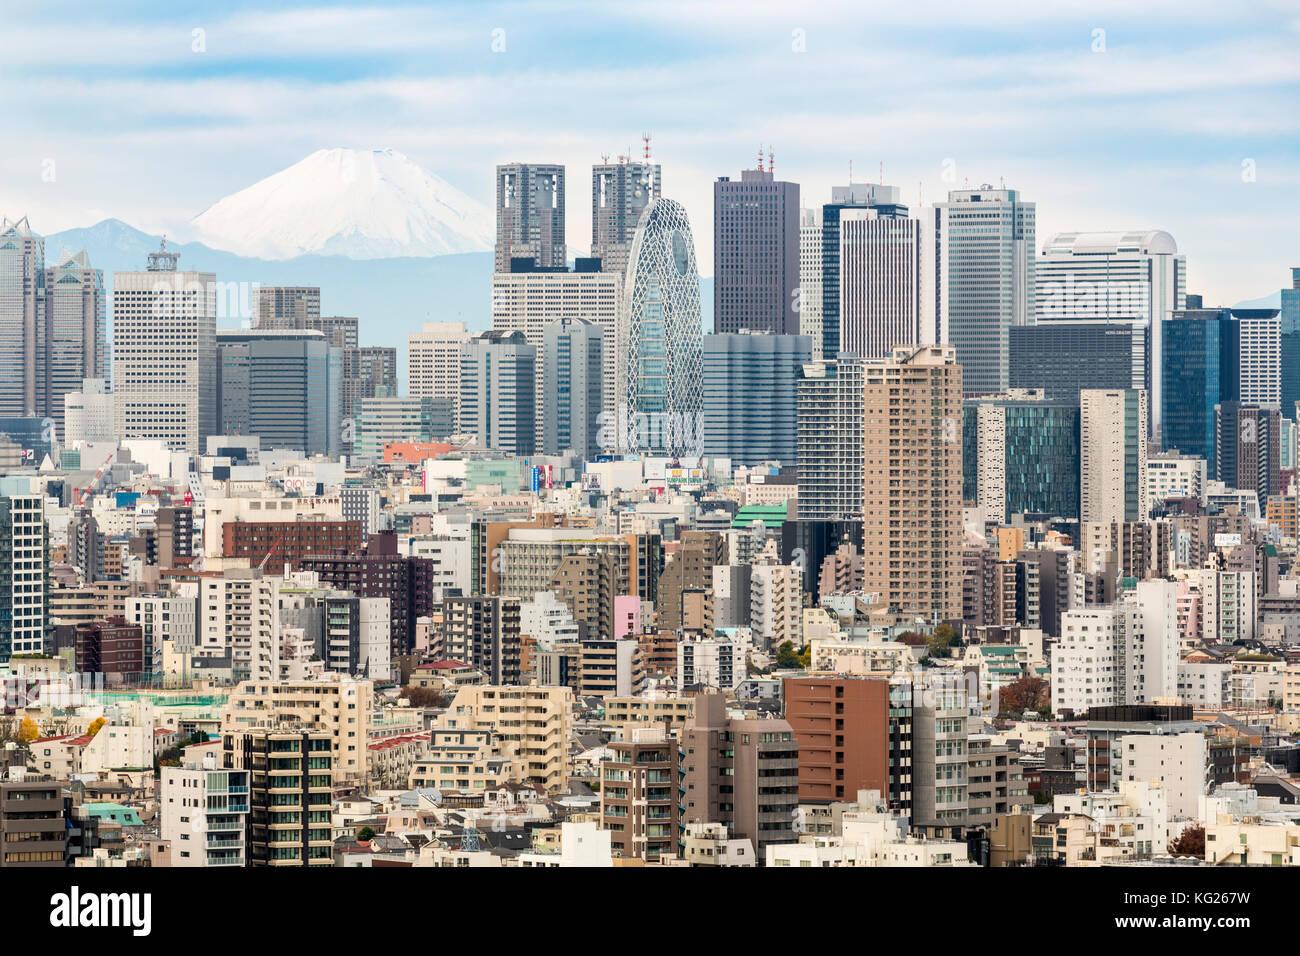 Mount Fuji und die Skyline der Wolkenkratzer Stadtteil Shinjuku, Tokyo, Japan, Asien Stockbild